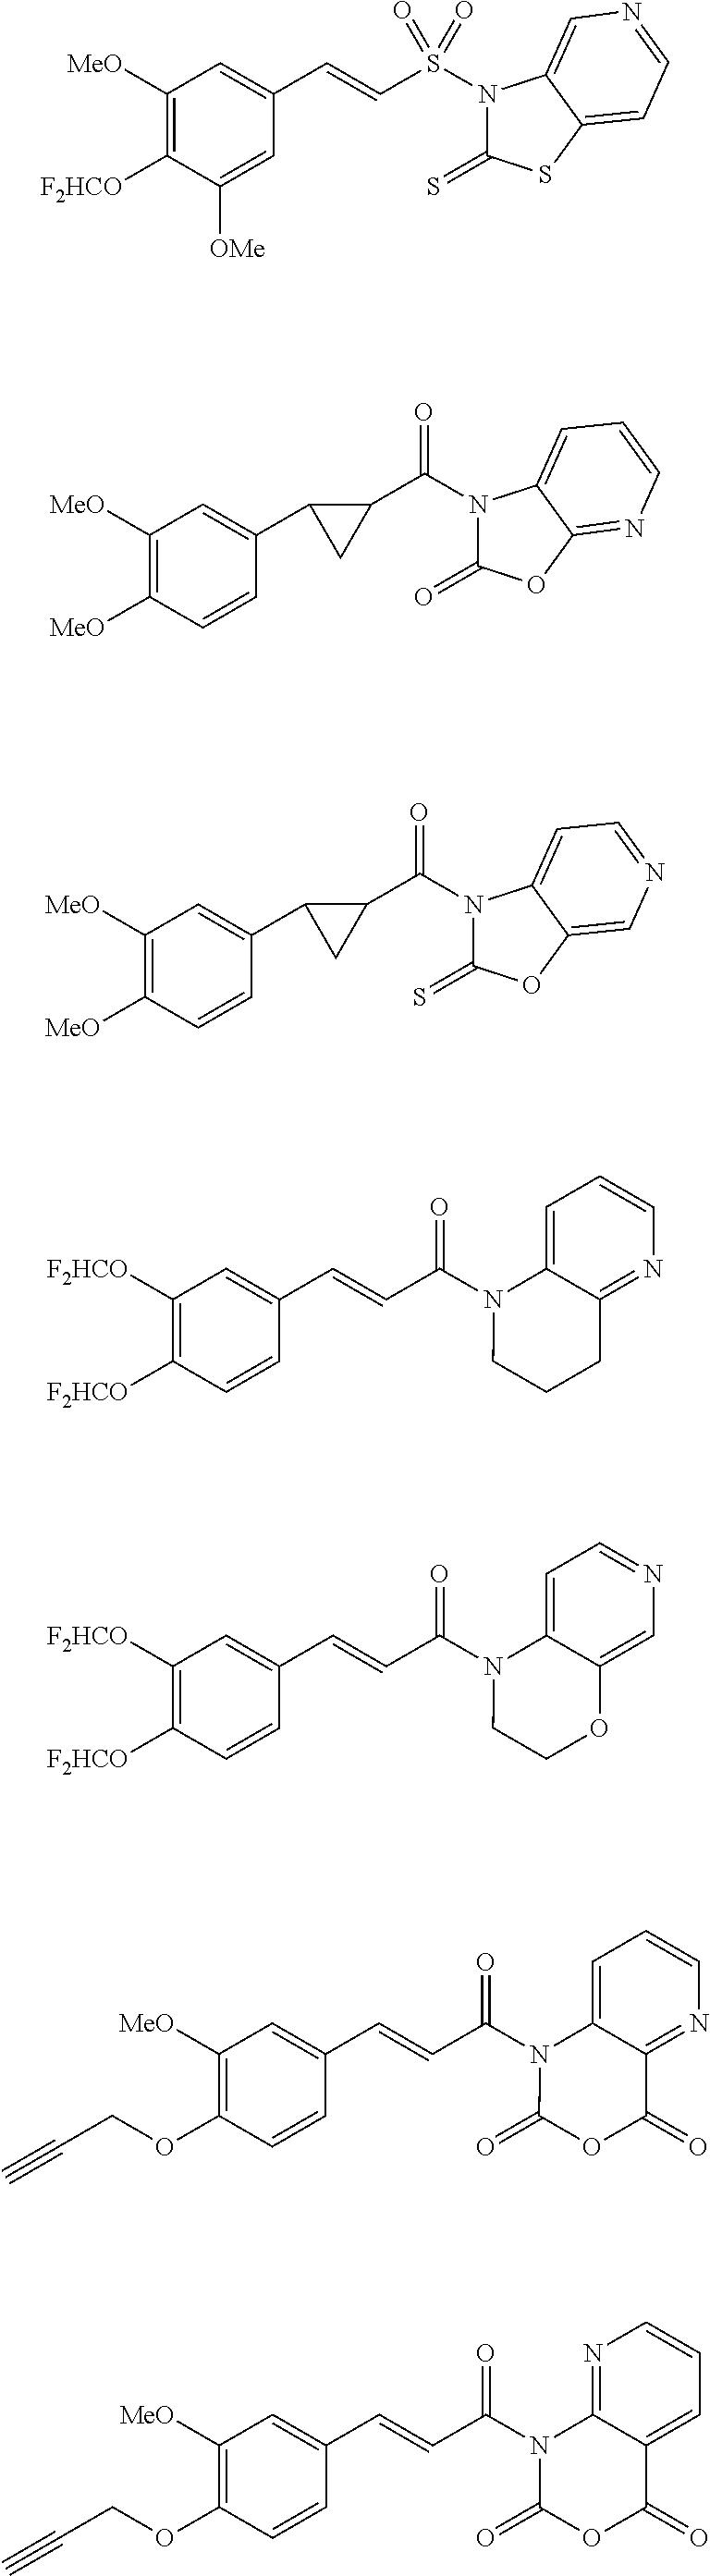 Figure US09951087-20180424-C00054